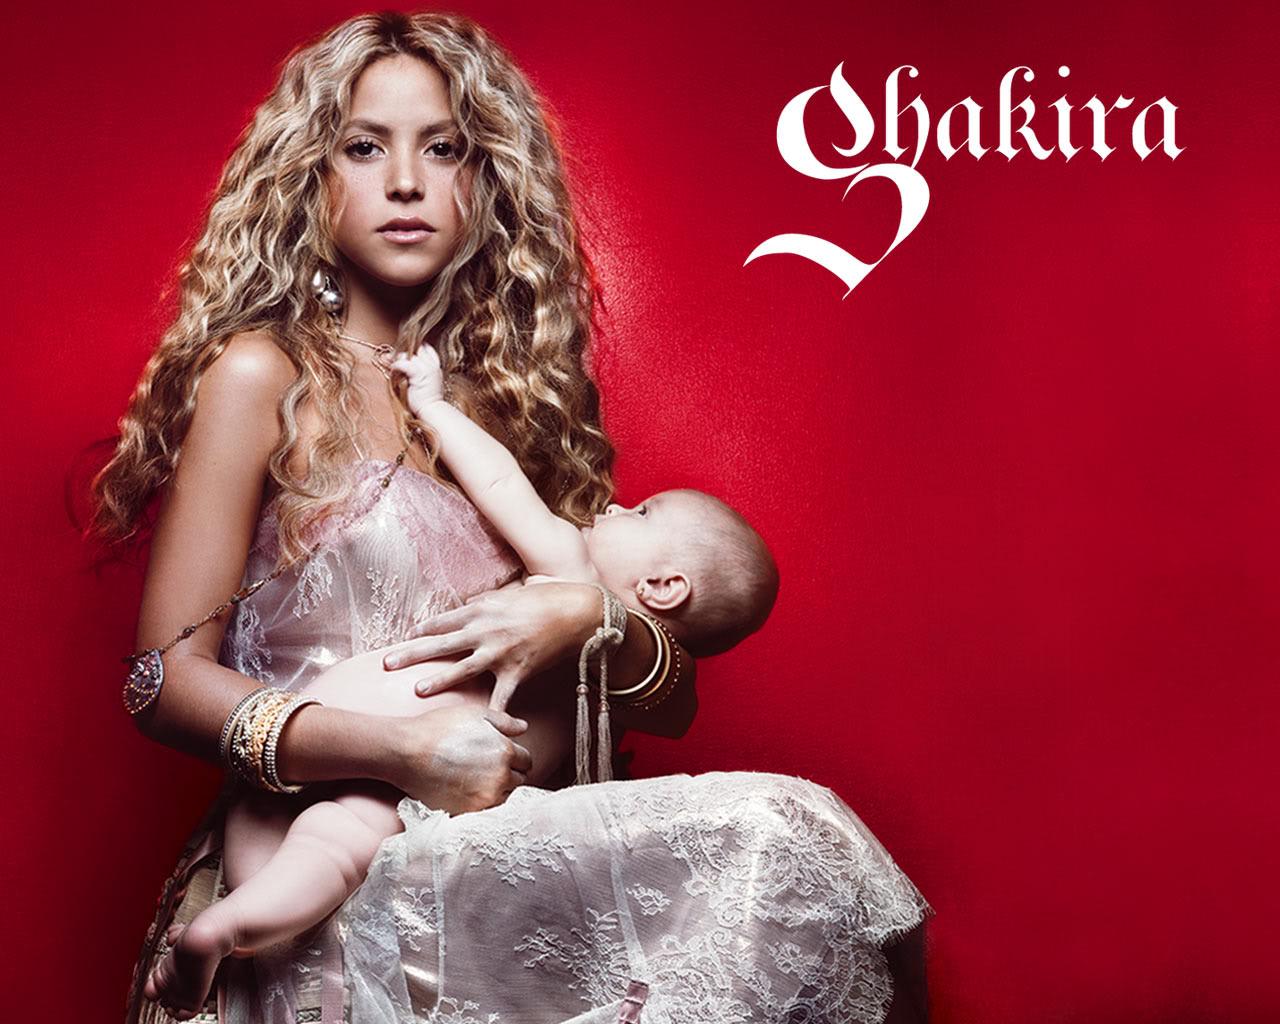 http://4.bp.blogspot.com/__iatAl0f9Ow/TT0F9pQ1MSI/AAAAAAAAAR0/BsIaYs9gKts/s1600/Shakira_Fijacion_Oral_vol_1.jpg